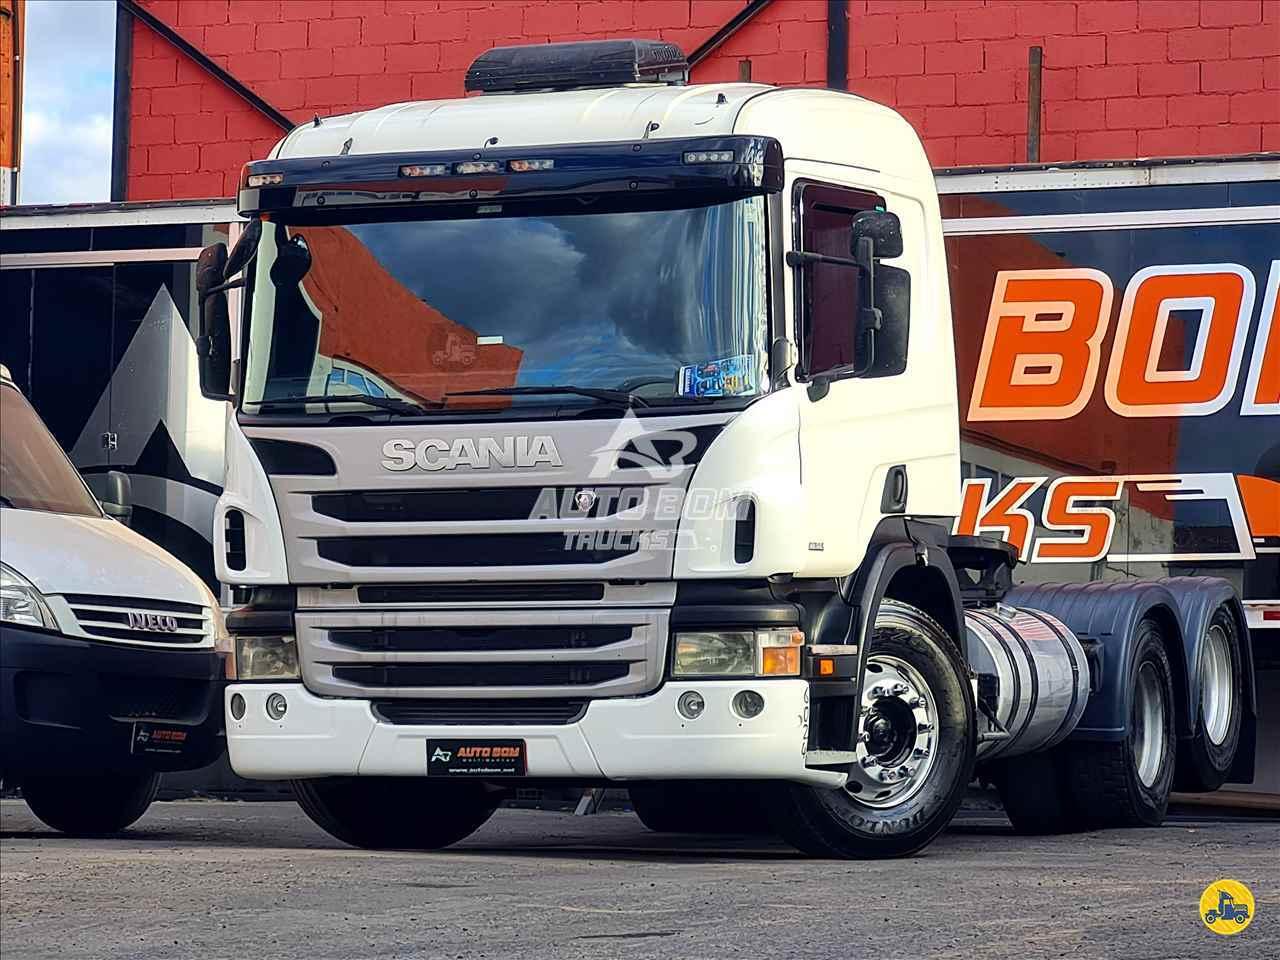 SCANIA P360 de Autobom Trucks - CONTAGEM/MG